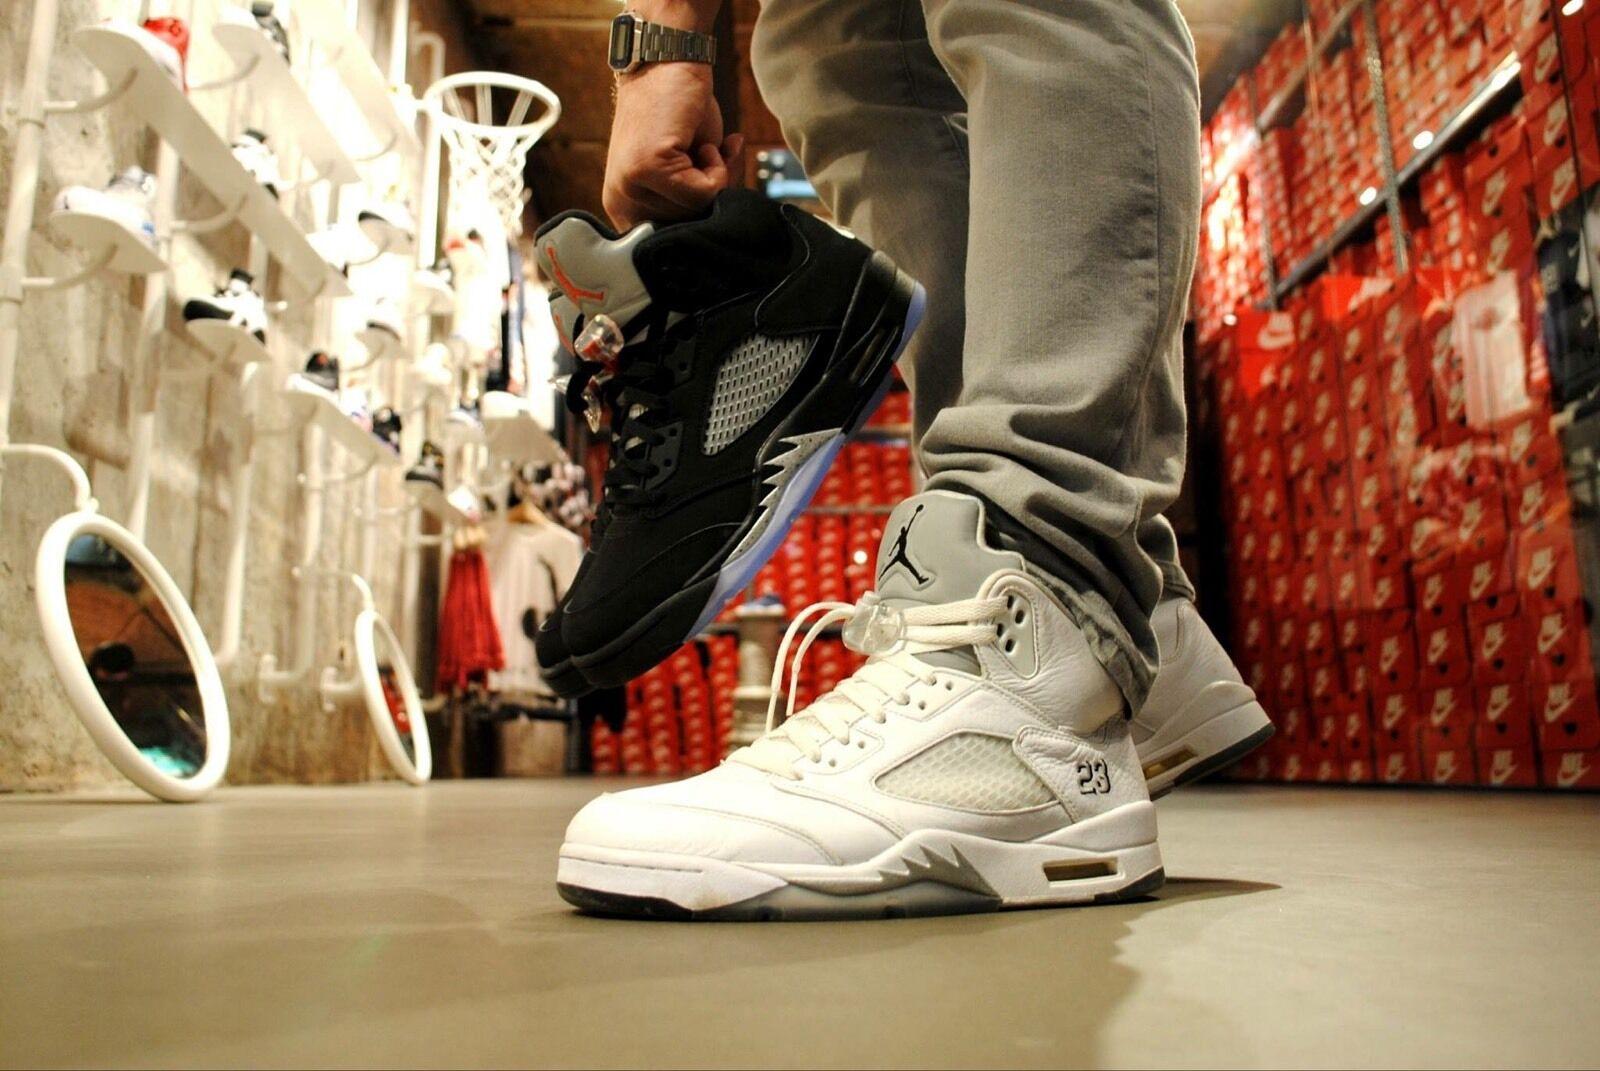 Air Jordan 5 Retro bianca Pure Deadstock Dimensione Dimensione Dimensione 10; 11,5(44; 45,5) 579ed1